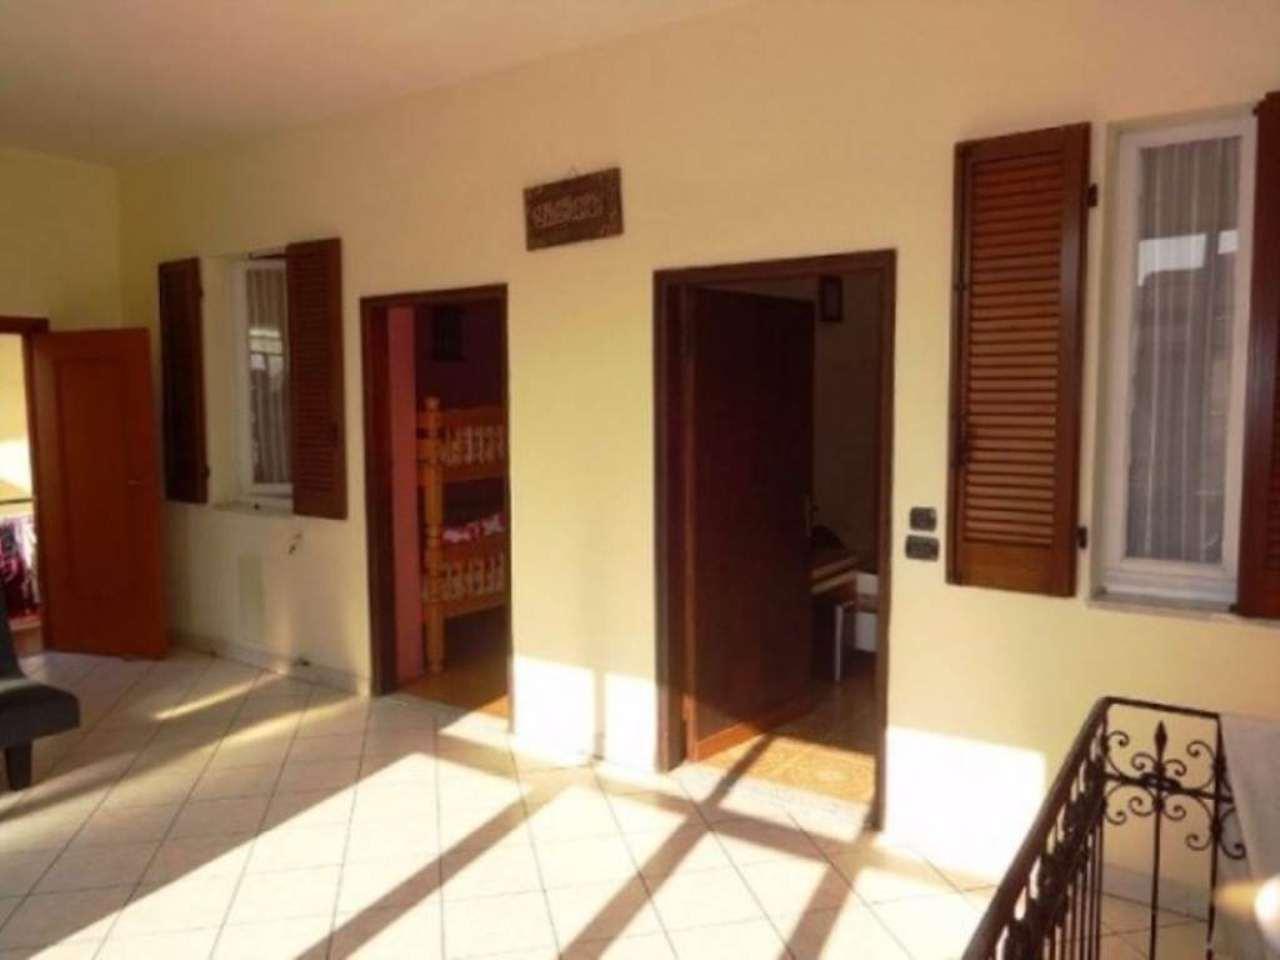 Soluzione Indipendente in vendita a Cavaria con Premezzo, 6 locali, prezzo € 99.000 | Cambio Casa.it